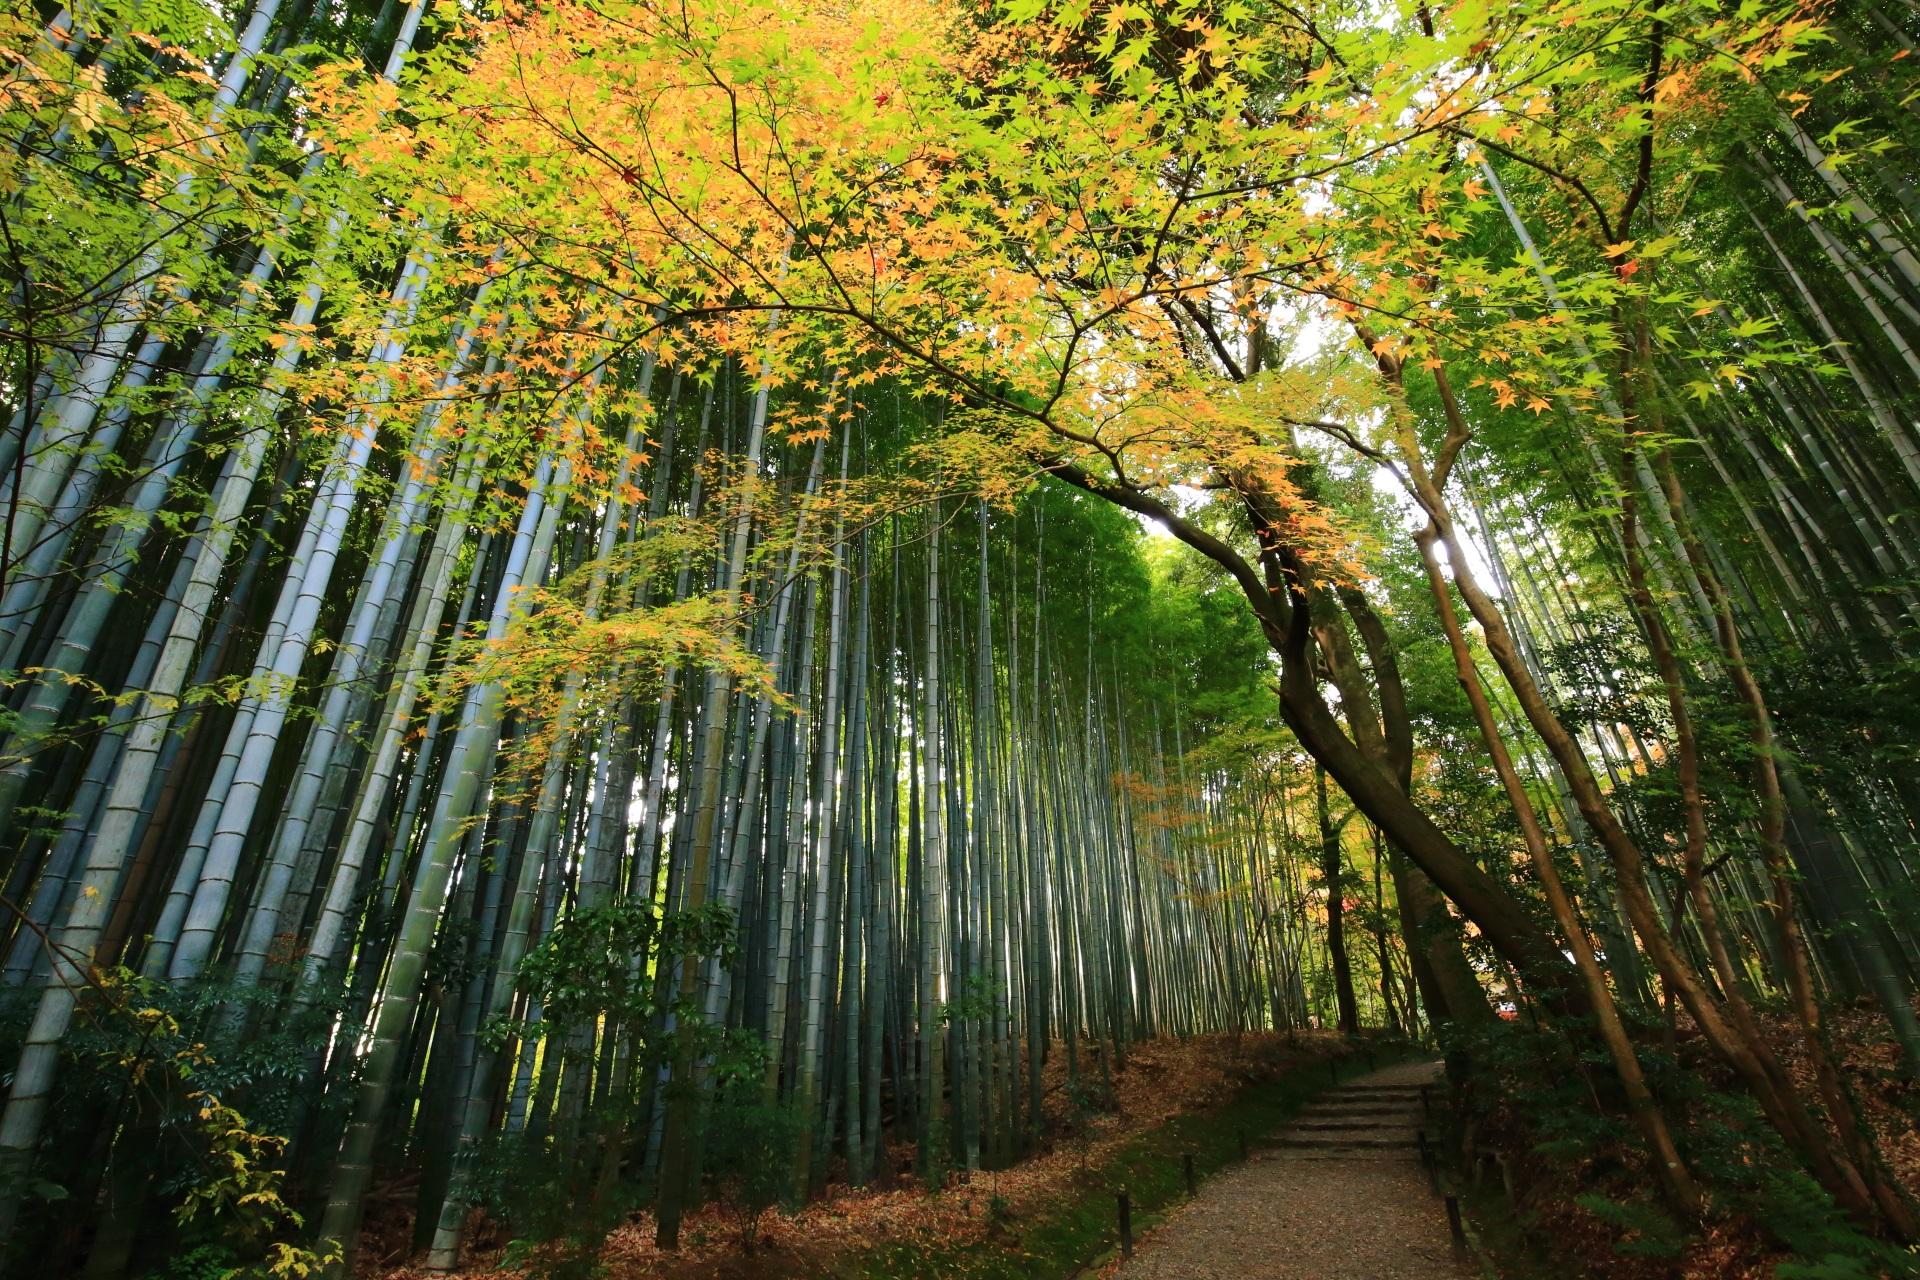 上品な秋色が広がる地蔵院の淡い紅葉の竹の道